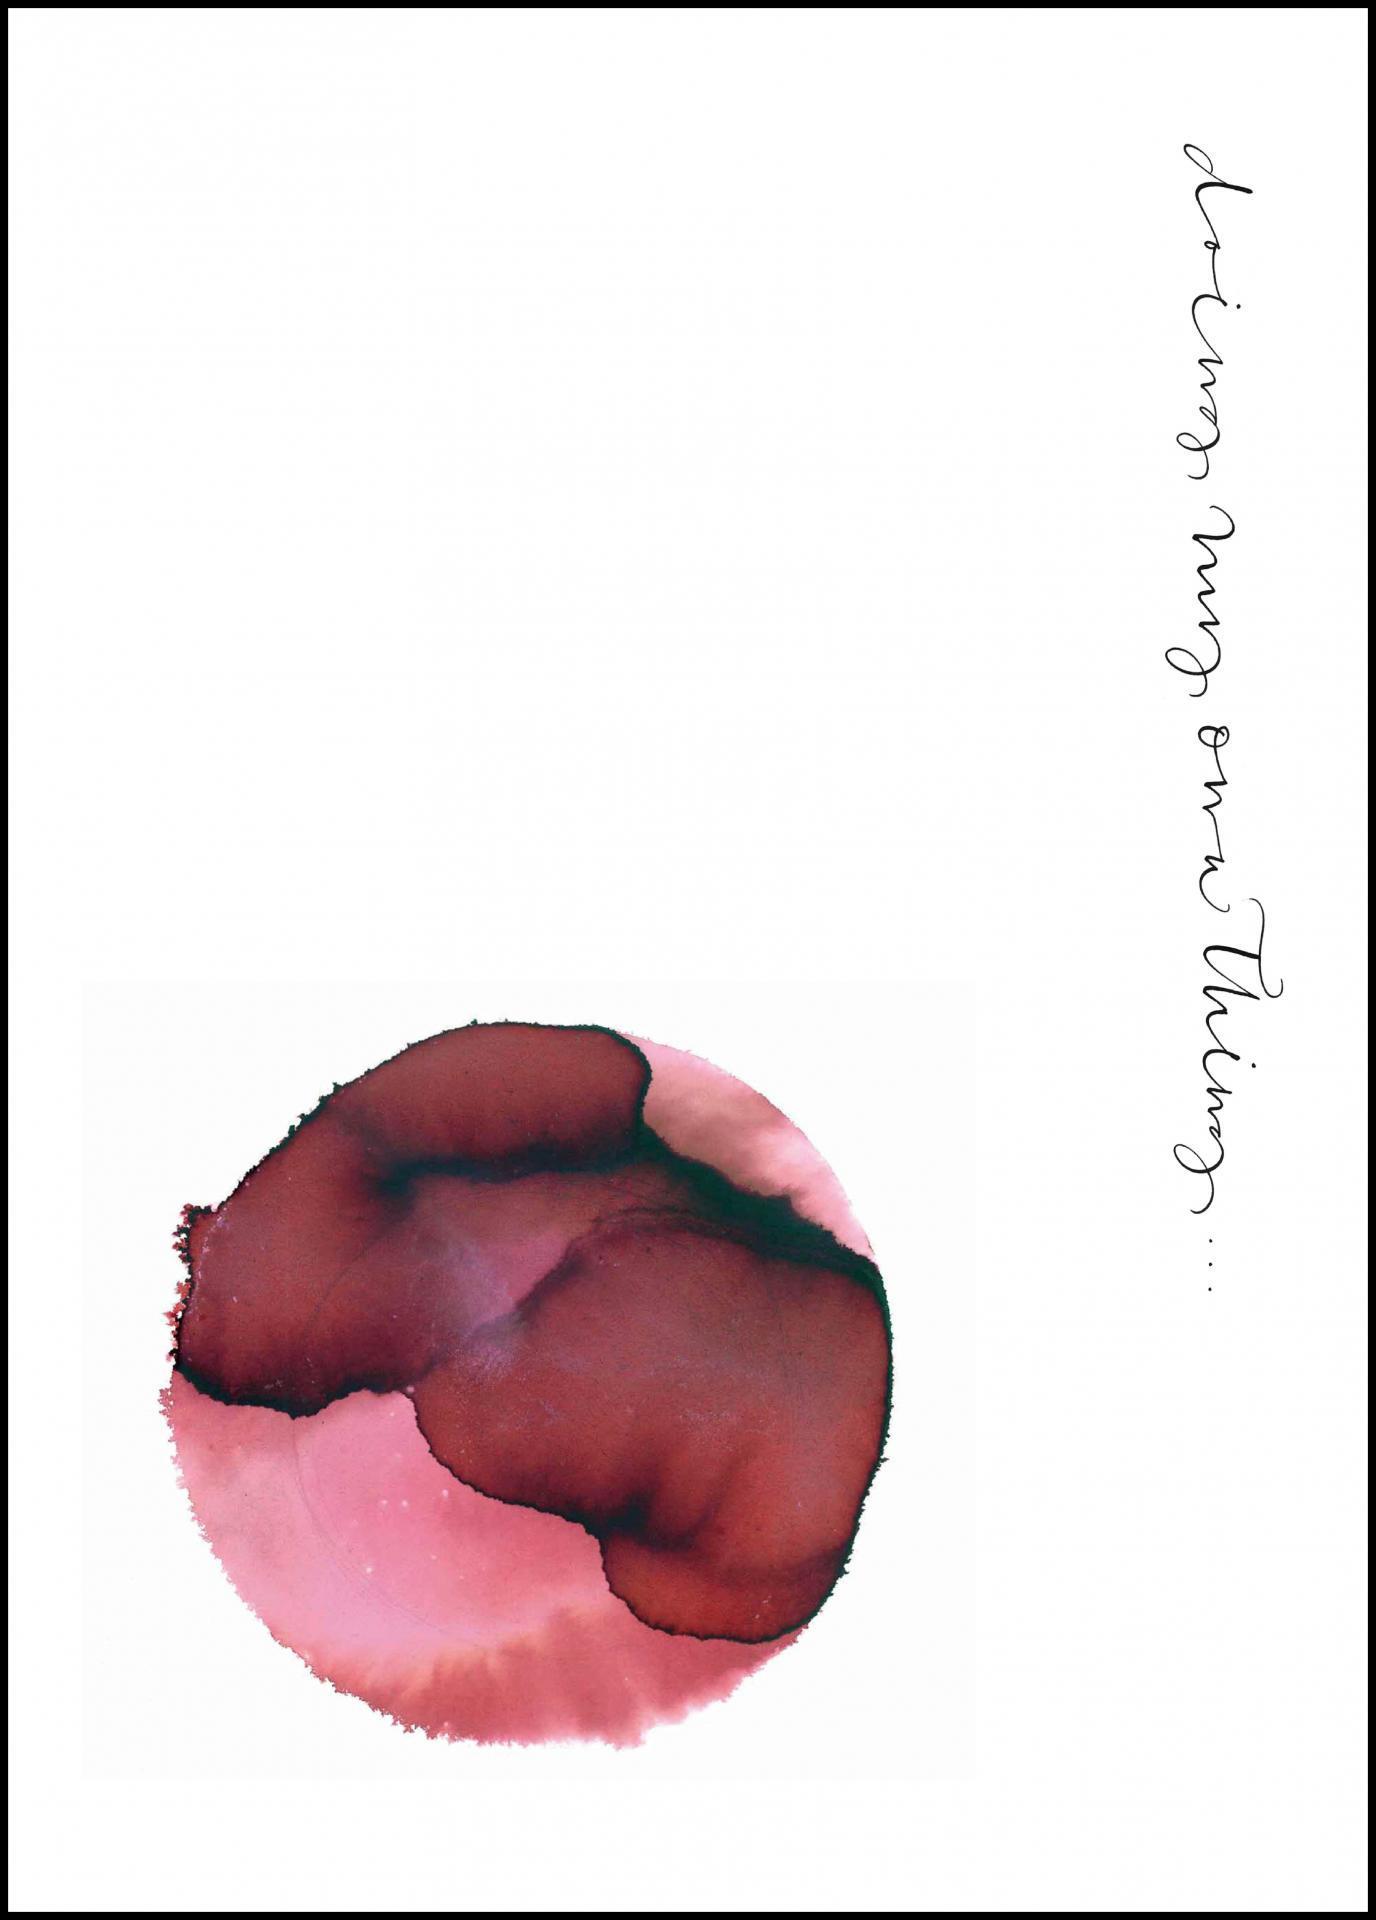 Ylva Skarp Plakát Doing My Own Thing 50x70 cm, červená barva, bílá barva, papír